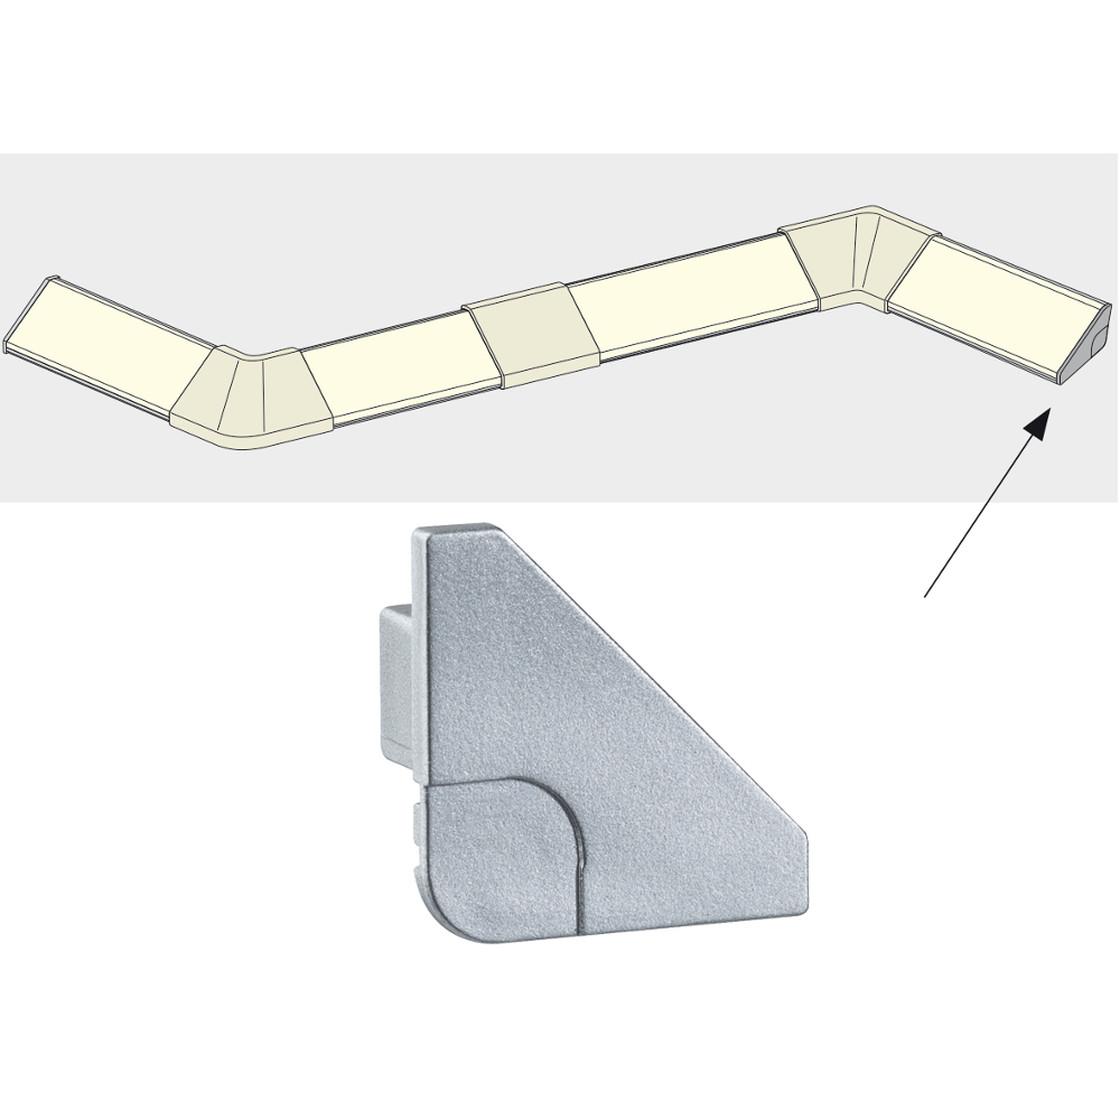 2er set paulmann delta profil corner eckprofil led leiste stri. Black Bedroom Furniture Sets. Home Design Ideas